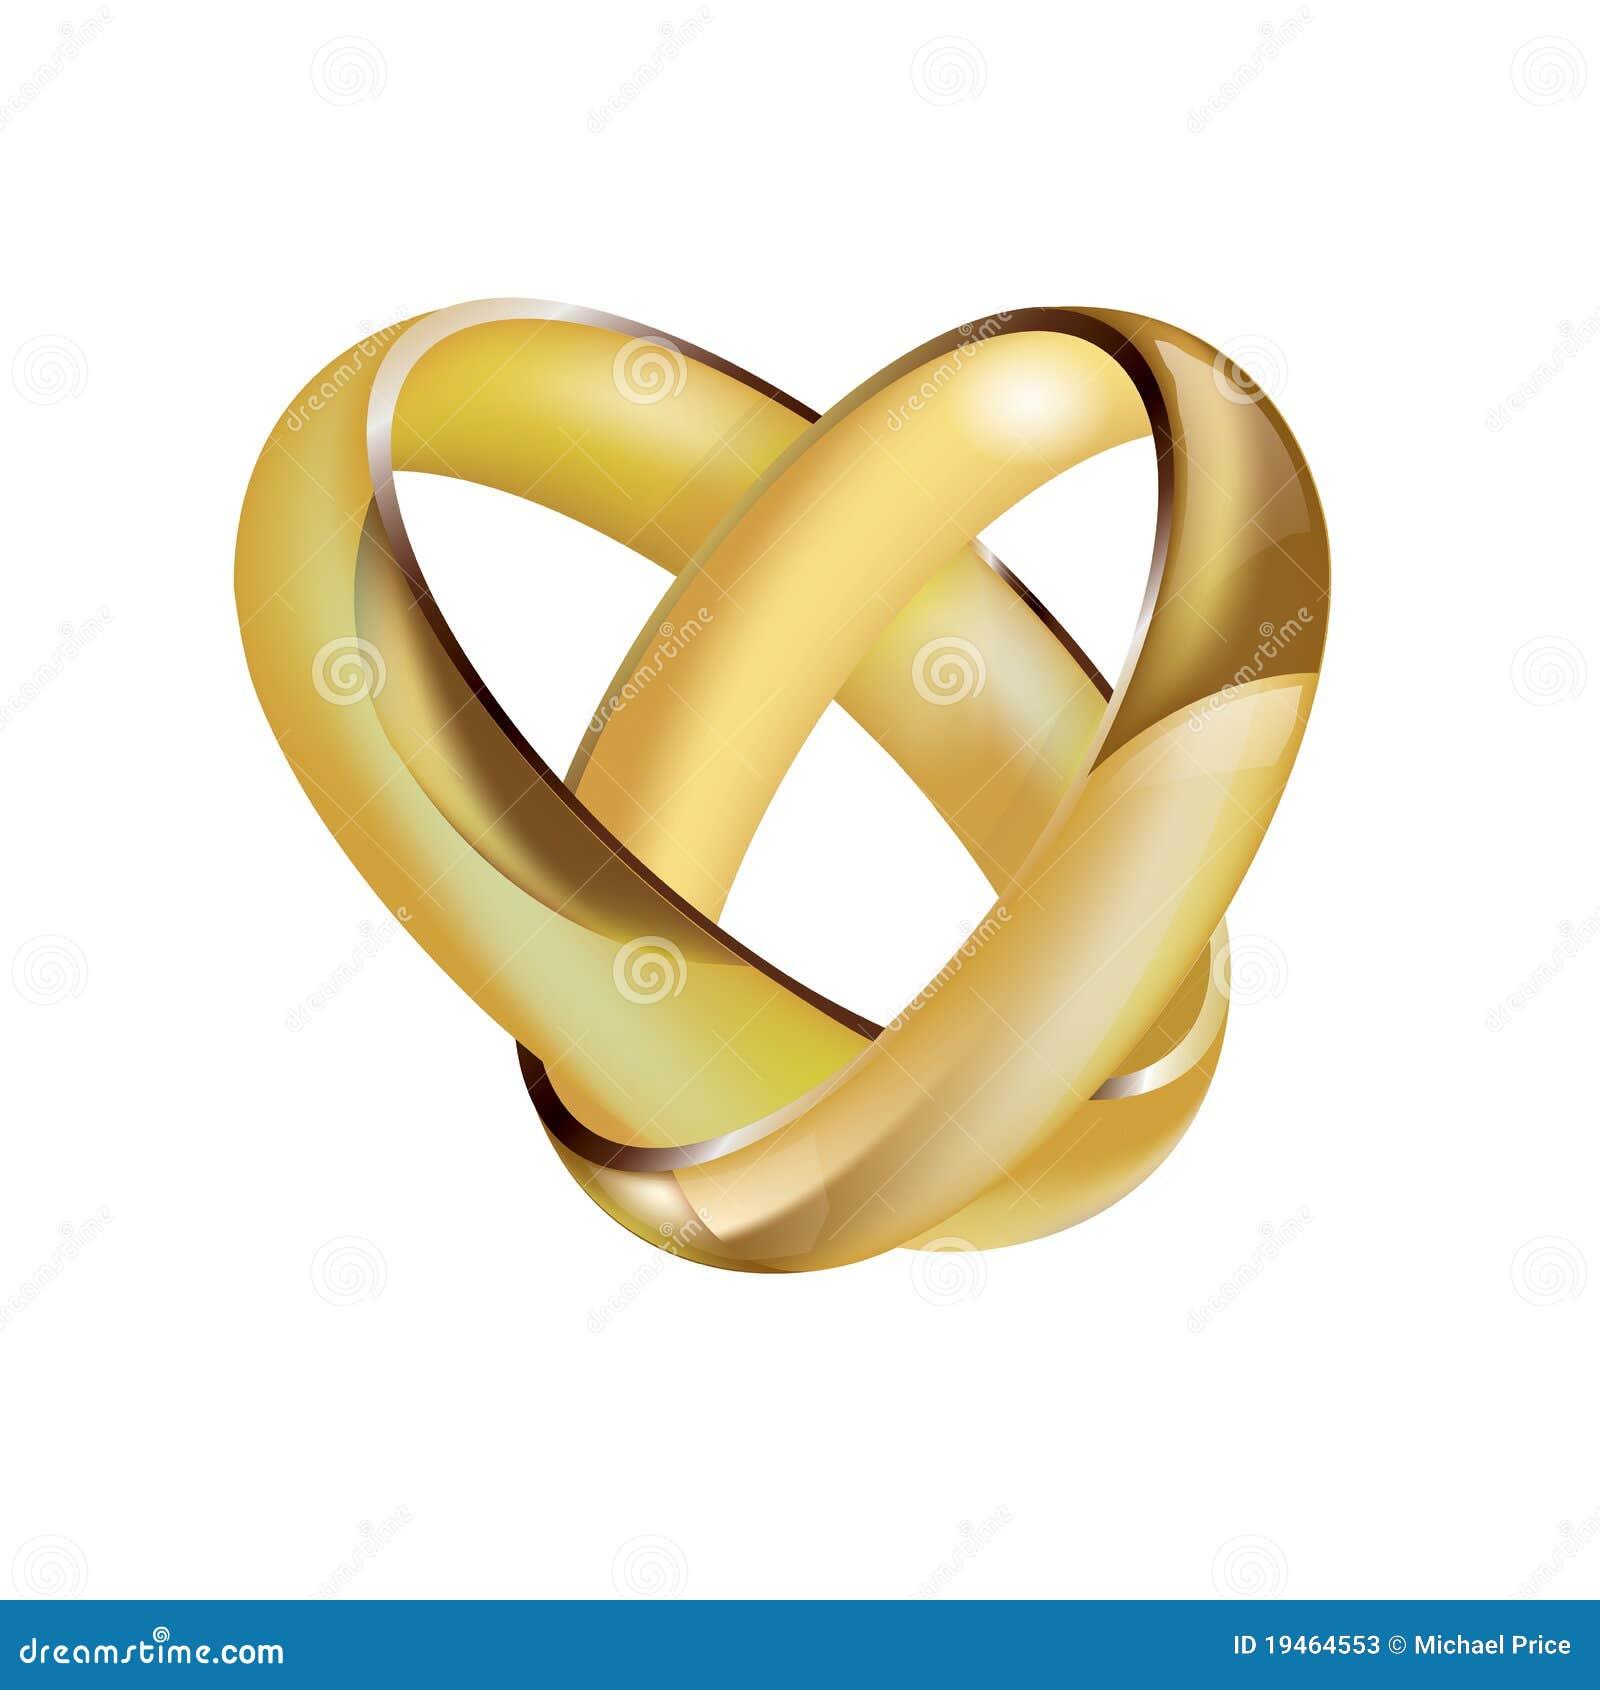 Weddings Rings Vector